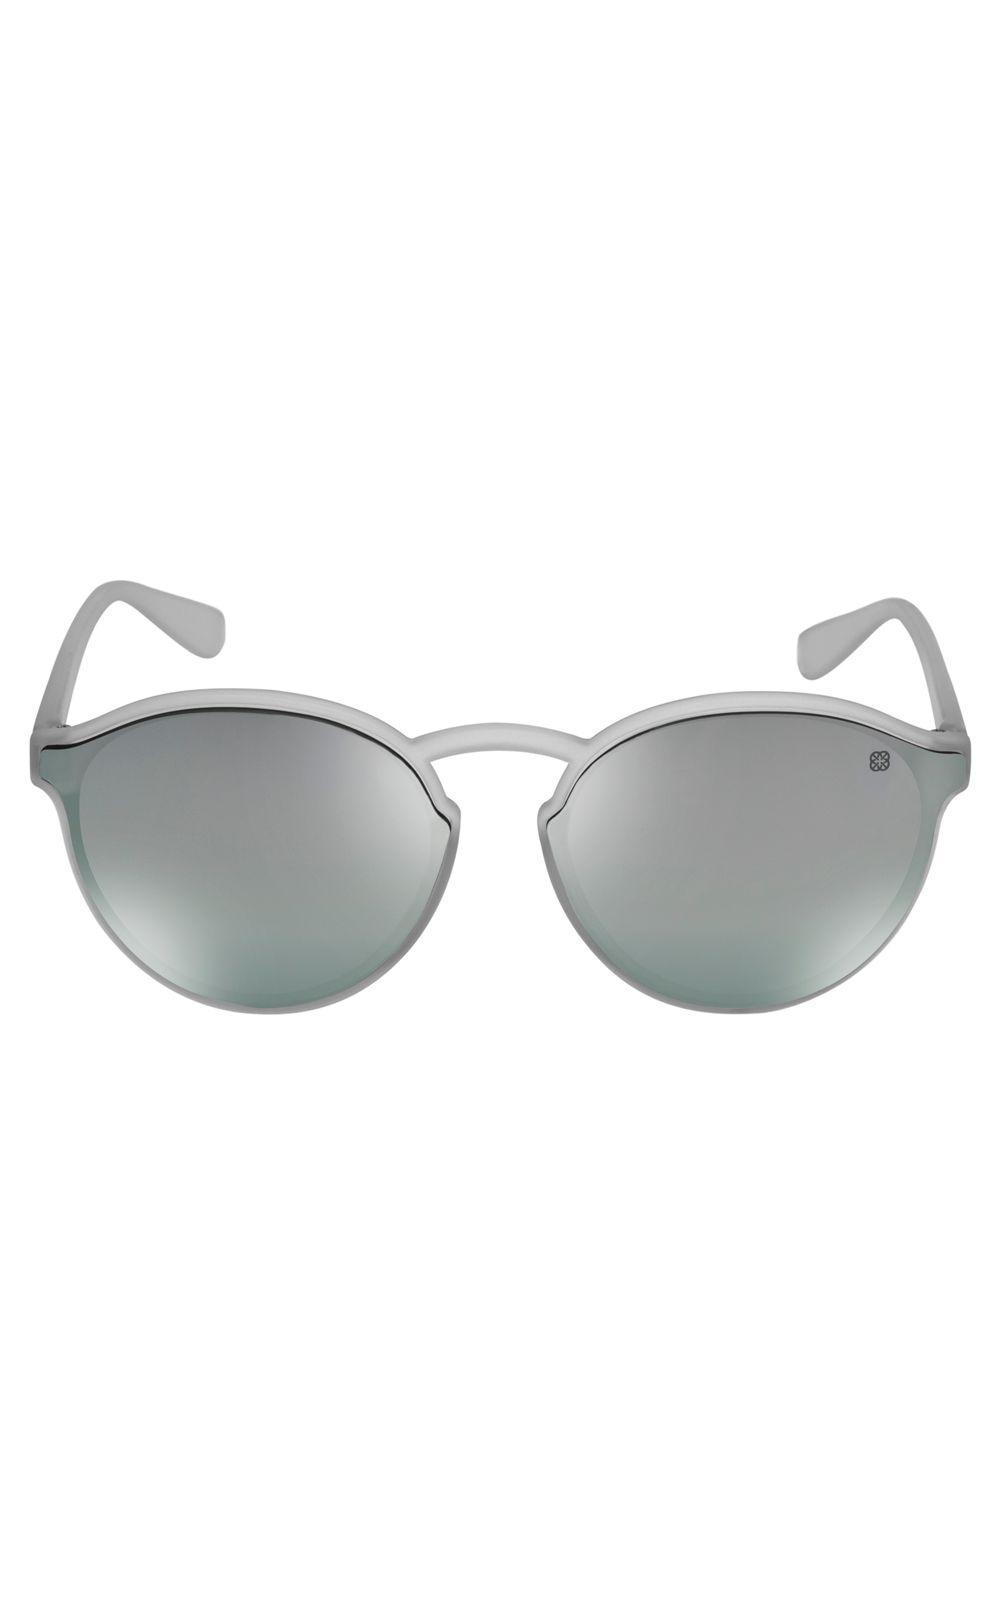 Foto 1 - Óculos Euro Power Shine Transparente E0045D5480/8K